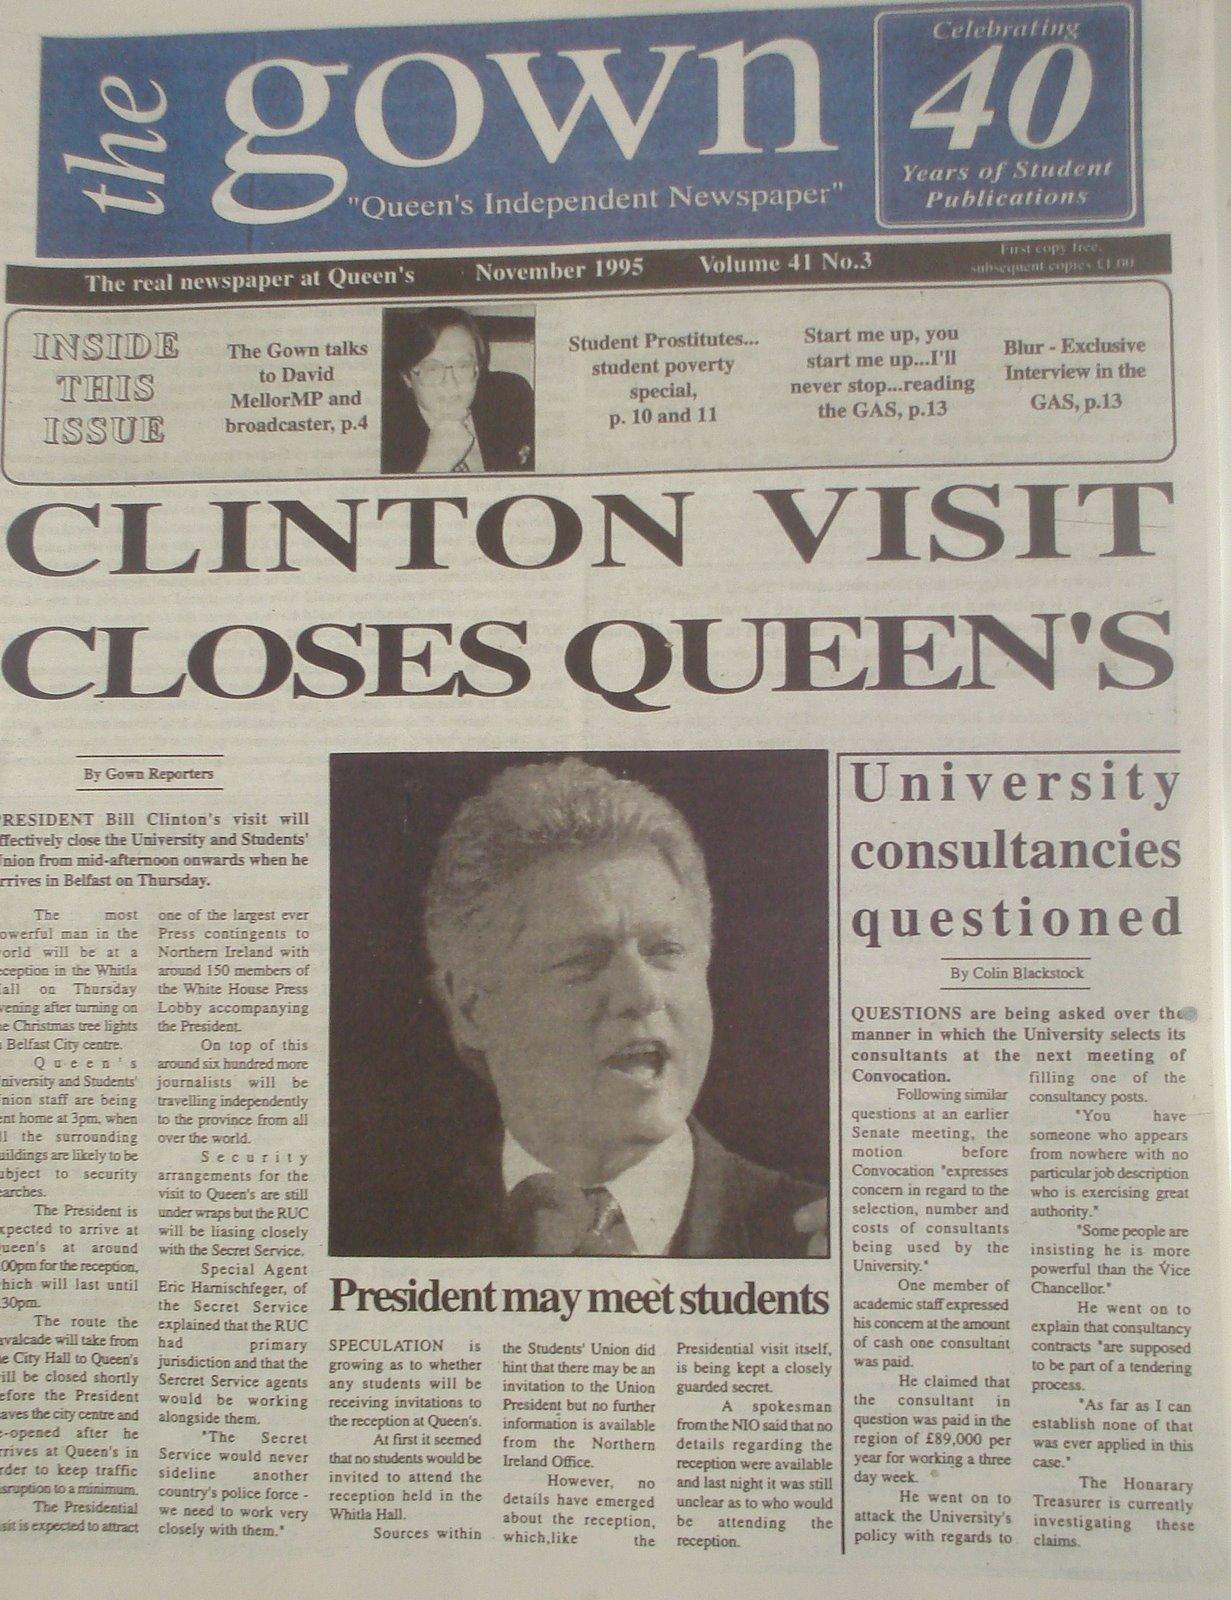 [PIC+-+Clinton+visit+closes+Queen]